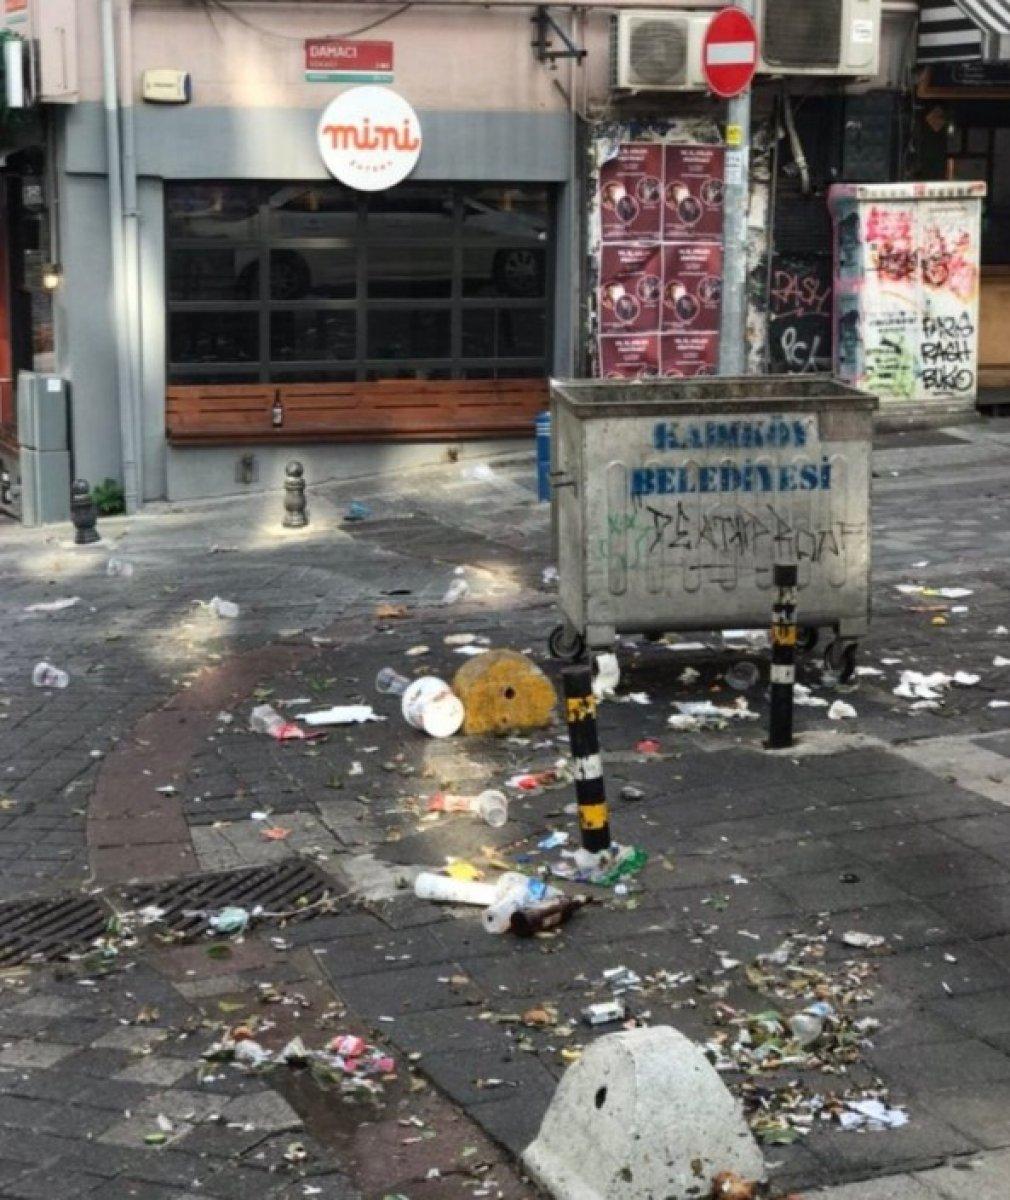 Kadıköy den sonra Cihangir de de toplanan kalabalık taşkınlık çıkardı #8